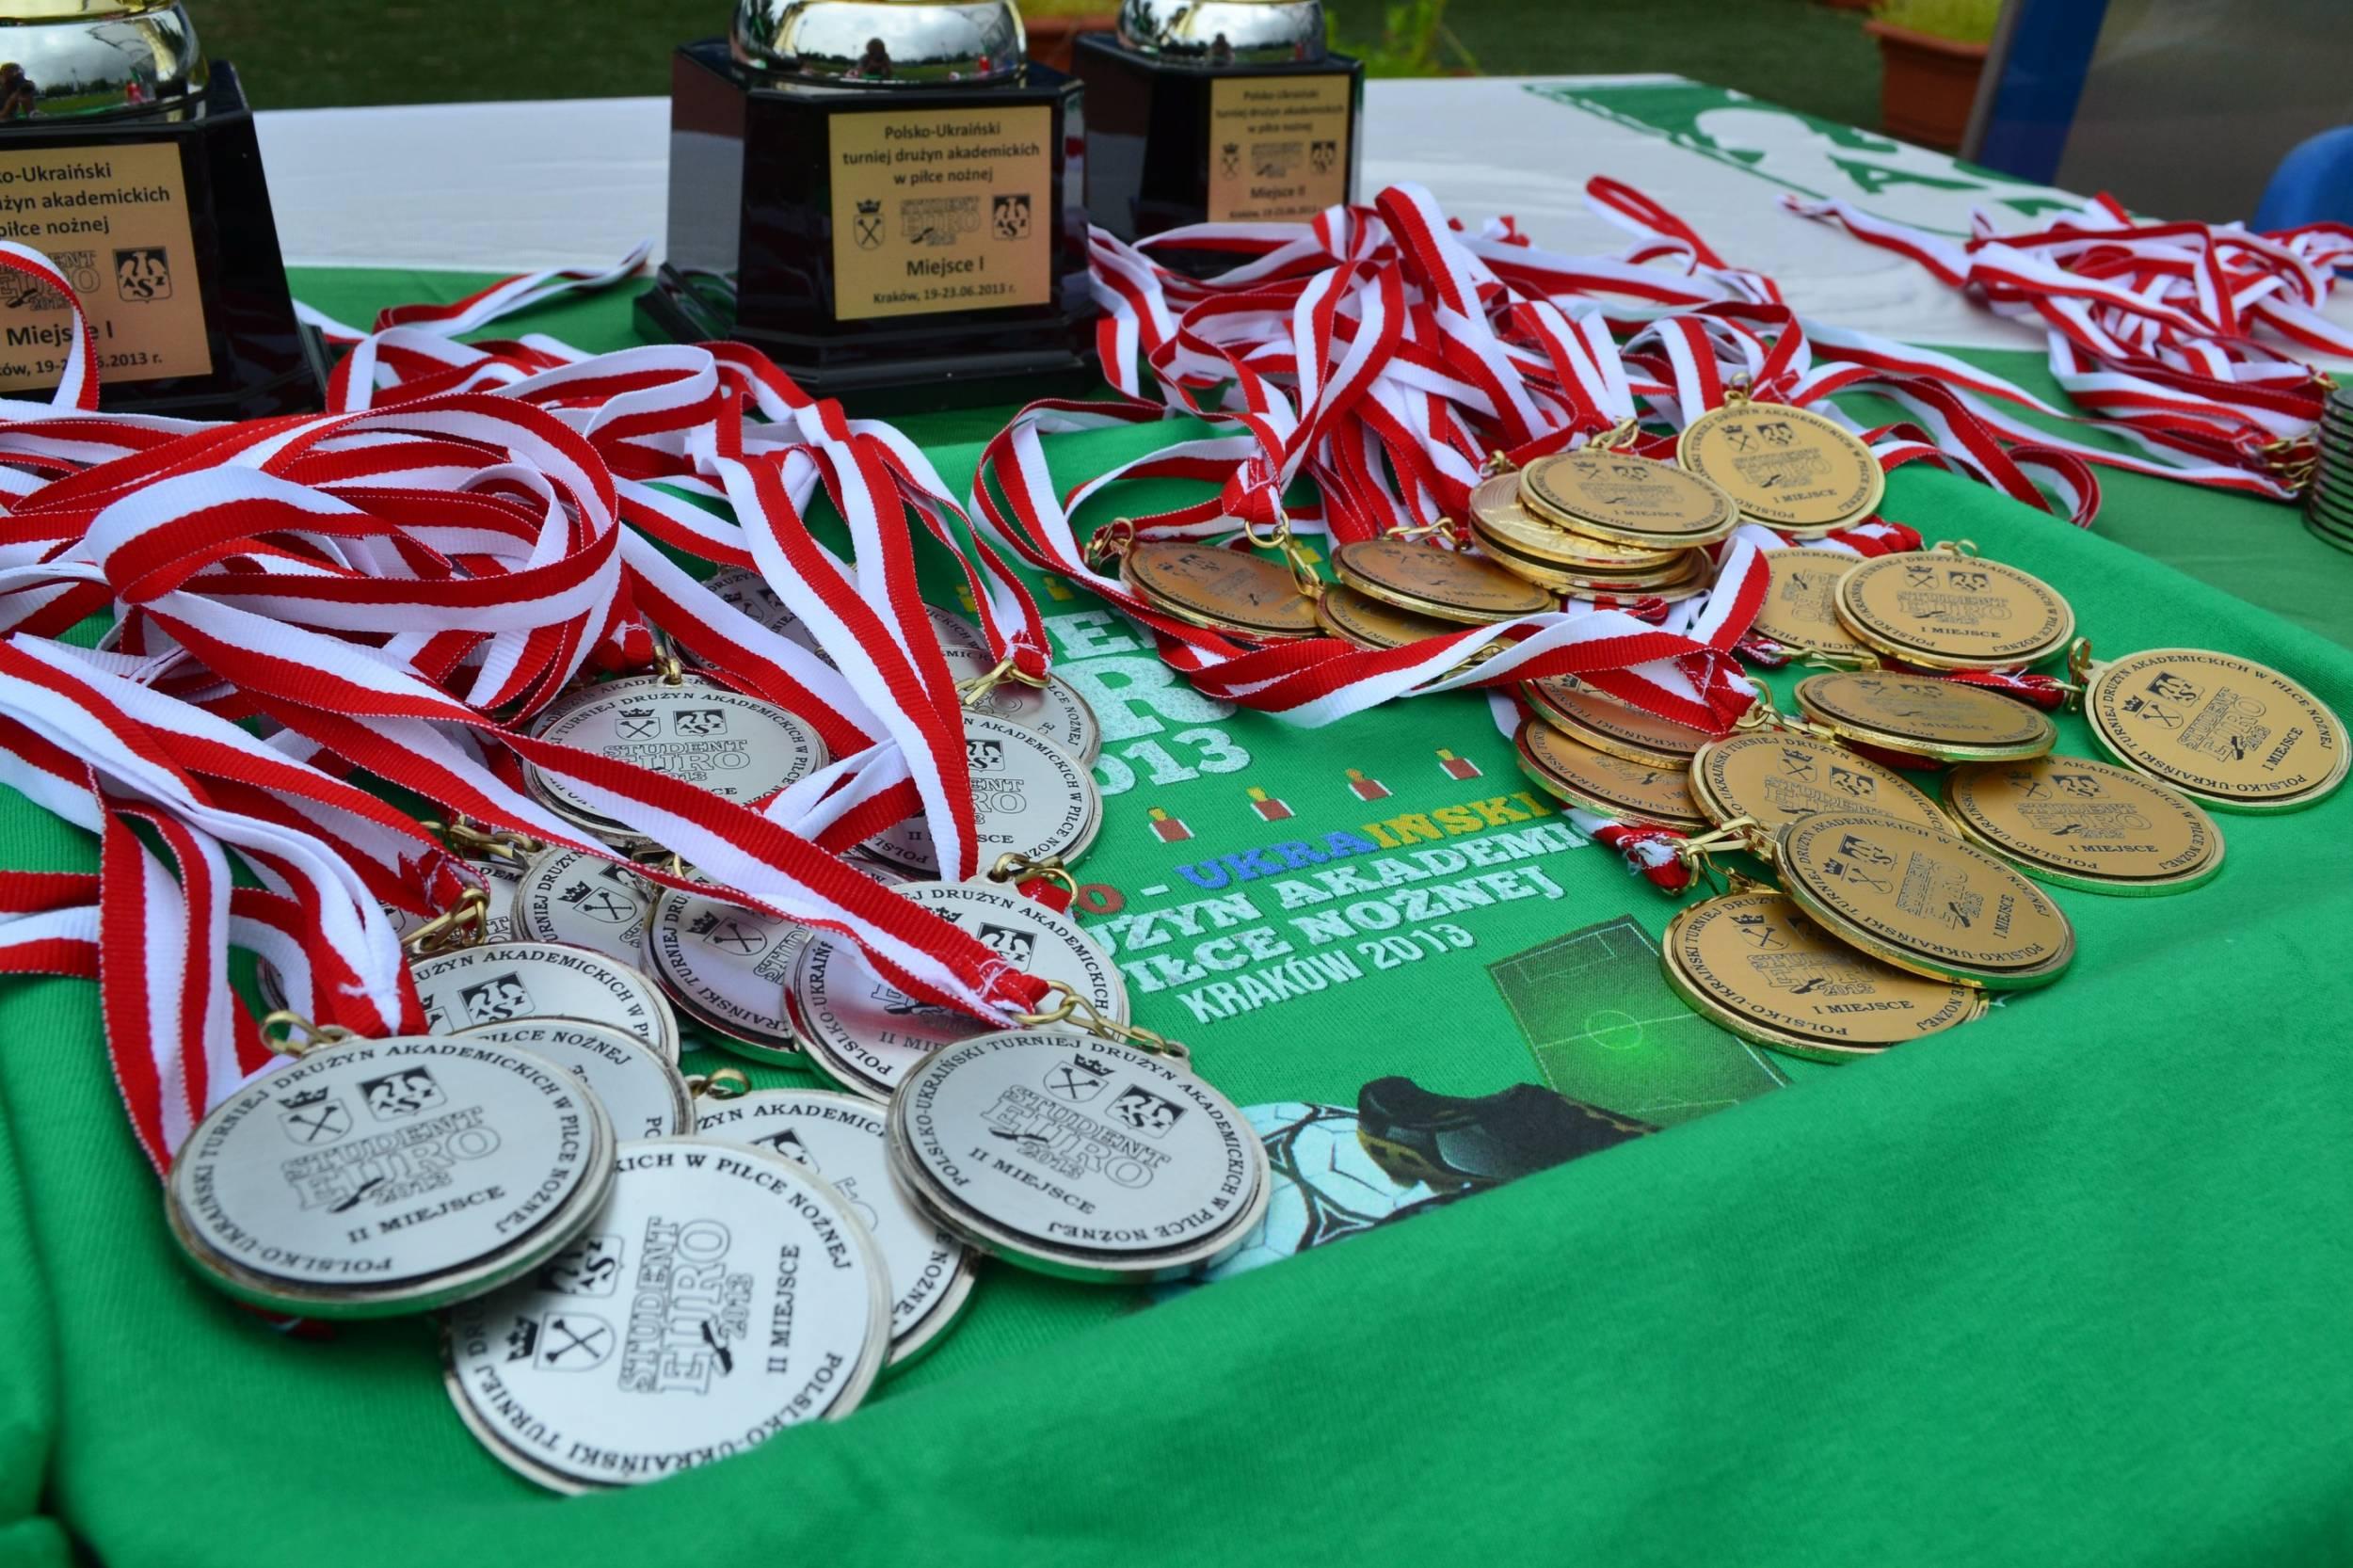 НПУ Драгоманова, футбол, Евро-2013, студенты, краков, 8 на 8, Беличанка-НПУ, Krakowia